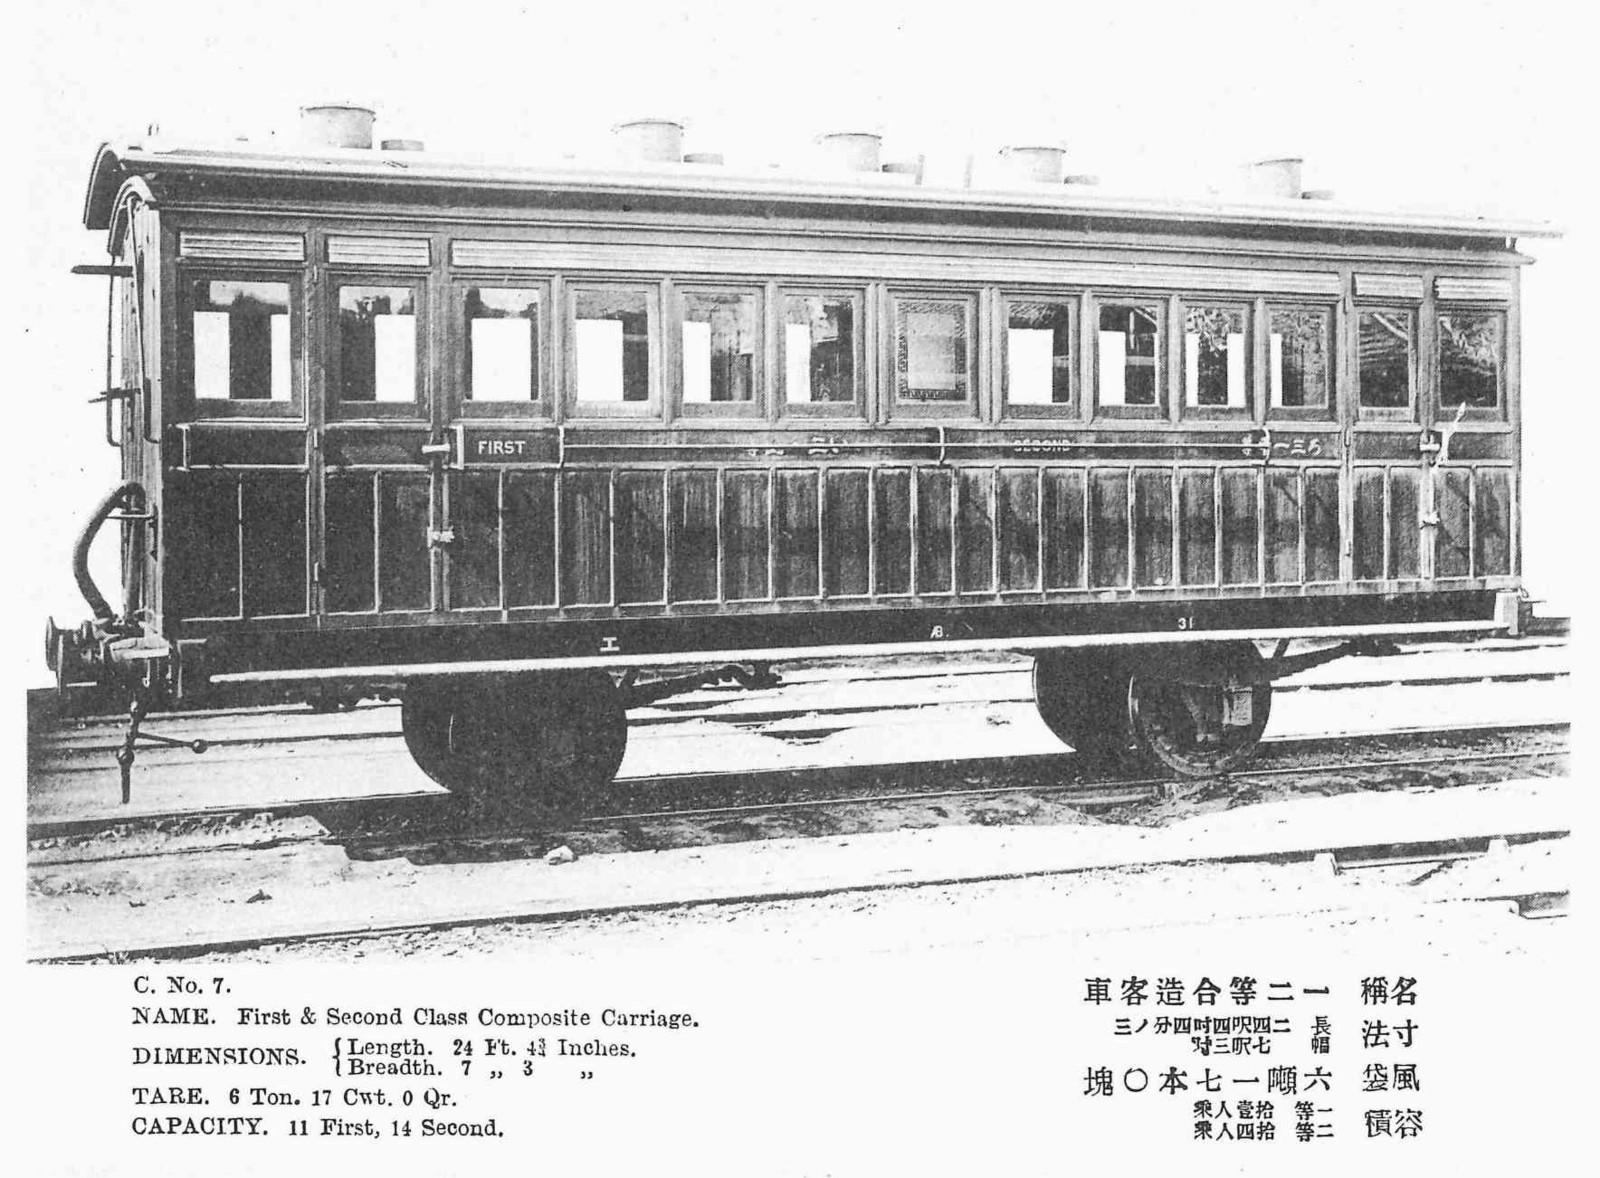 一冊の本 5680の詳細図 6 二軸客車: 汽車好きクラーケン